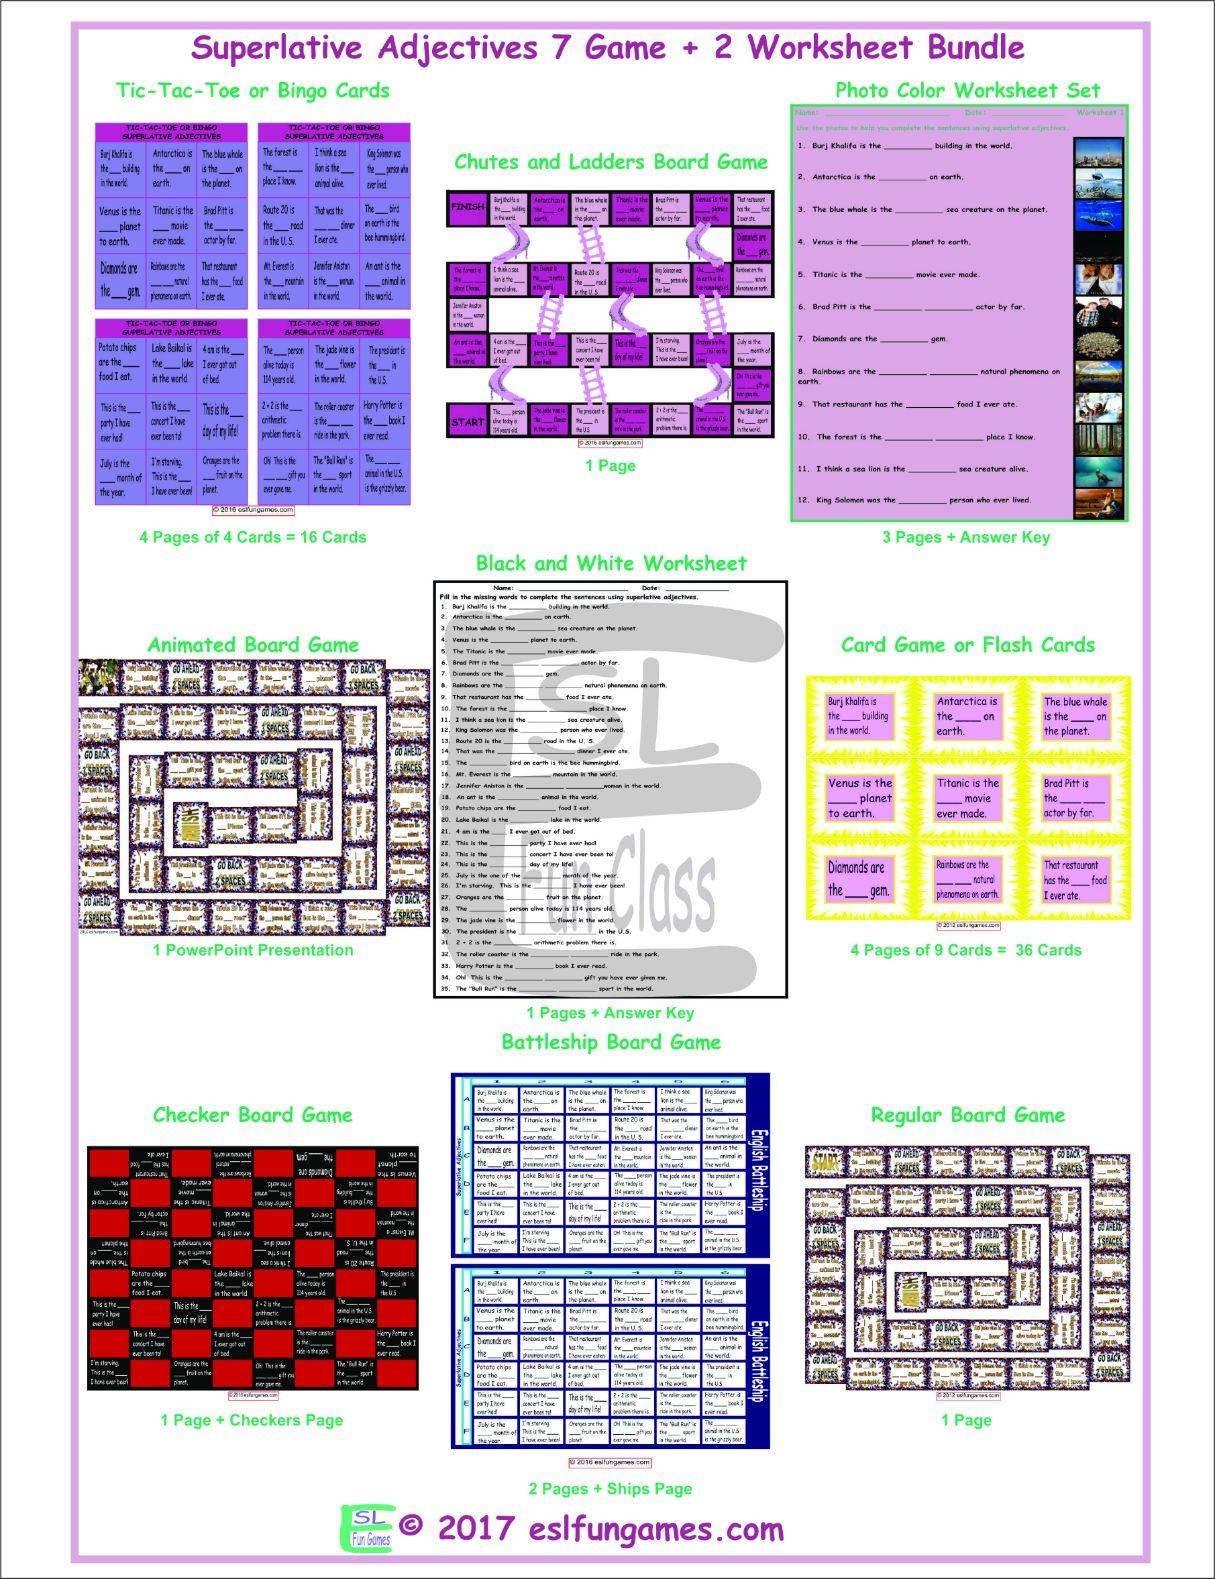 Superlative Adjectives 7 Game Plus 2 Worksheet Bundle